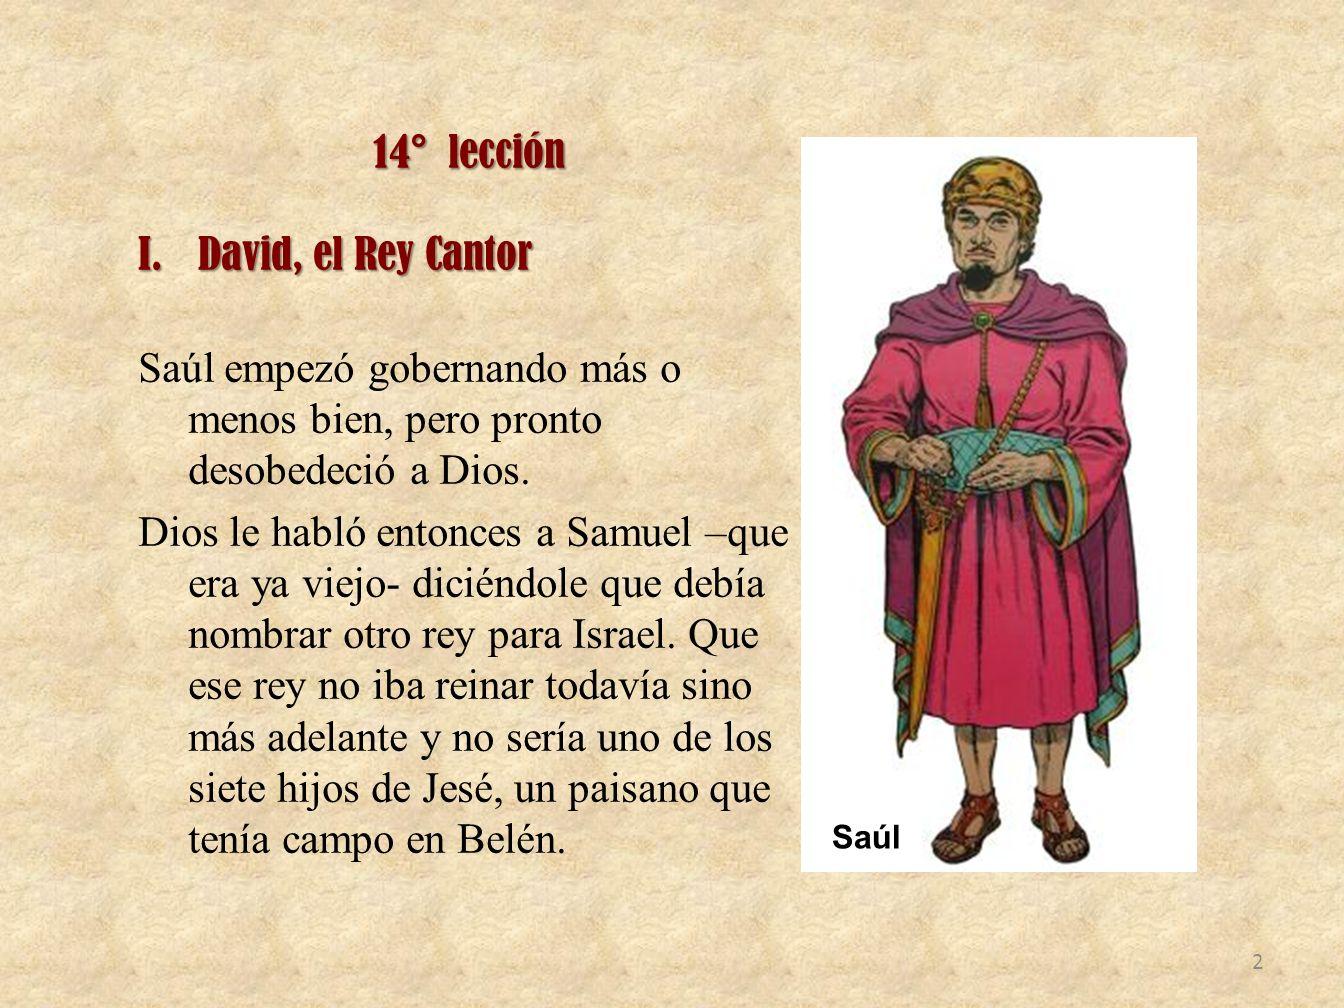 14° lección David, el Rey Cantor